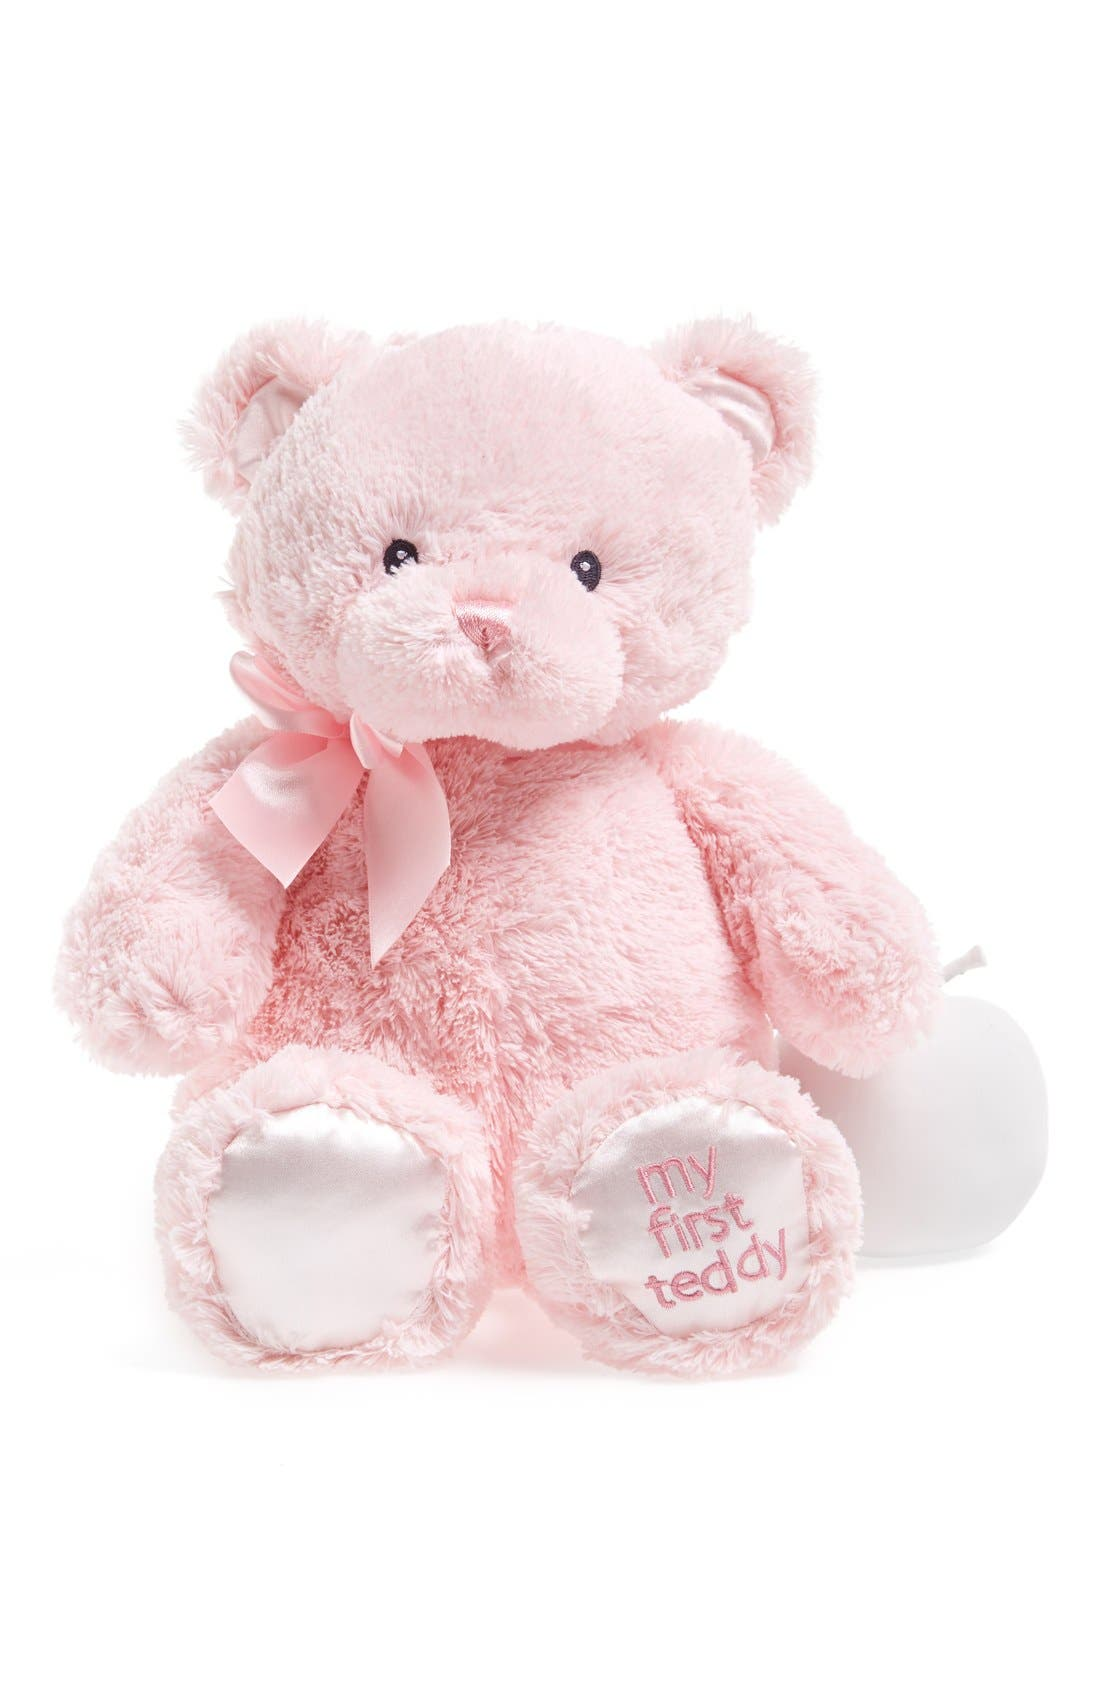 Baby Gund 'My First Teddy' Stuffed Bear